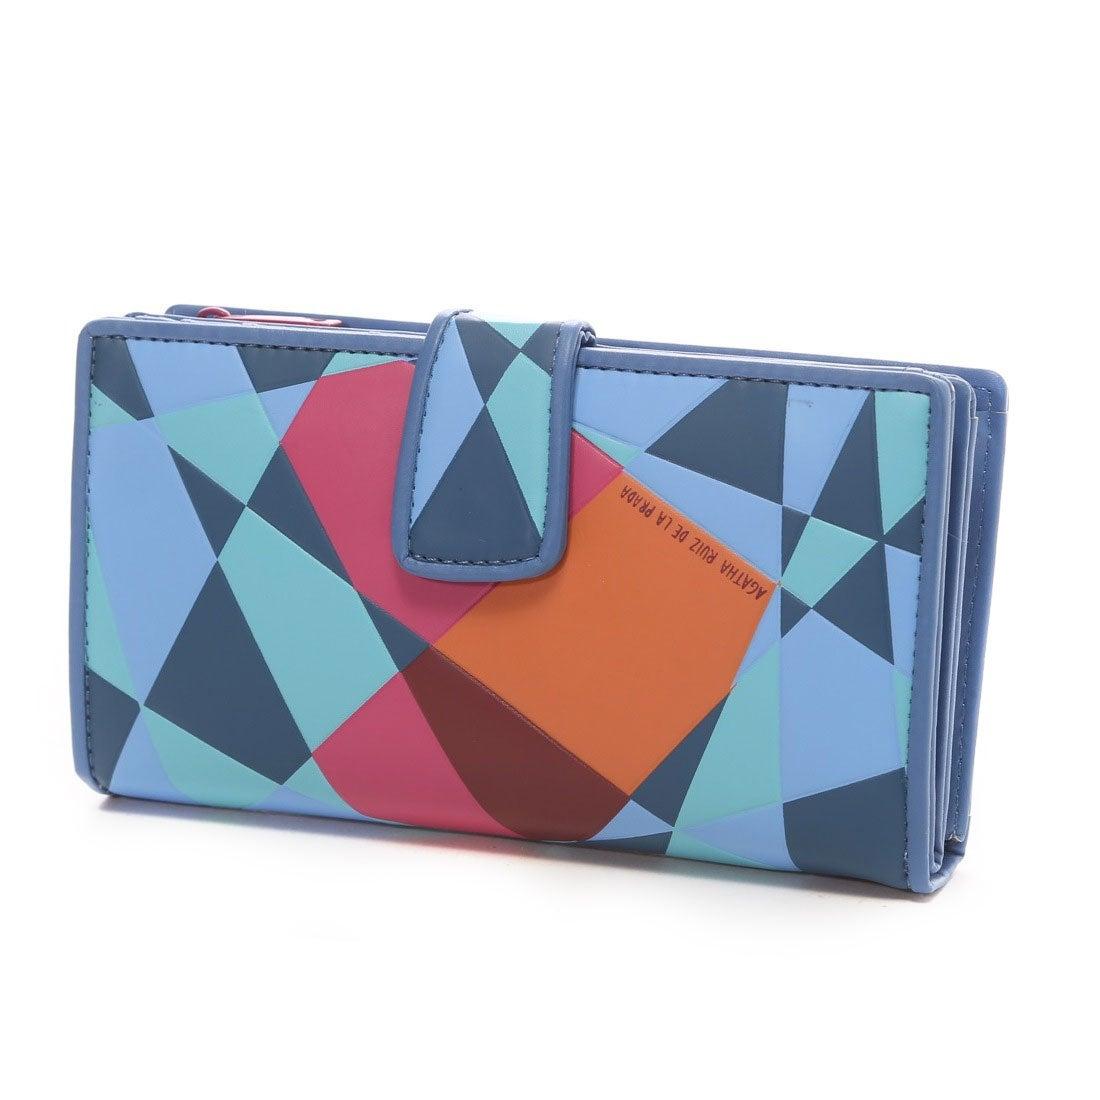 90054c7693d9 アガタ・ルイズ・デ・ラ・プラダ AGATHA RUIZ DE LA PRADA 幾何学ハート柄大容量財布(BLUE) -アウトレット通販 ロコレット  (LOCOLET)